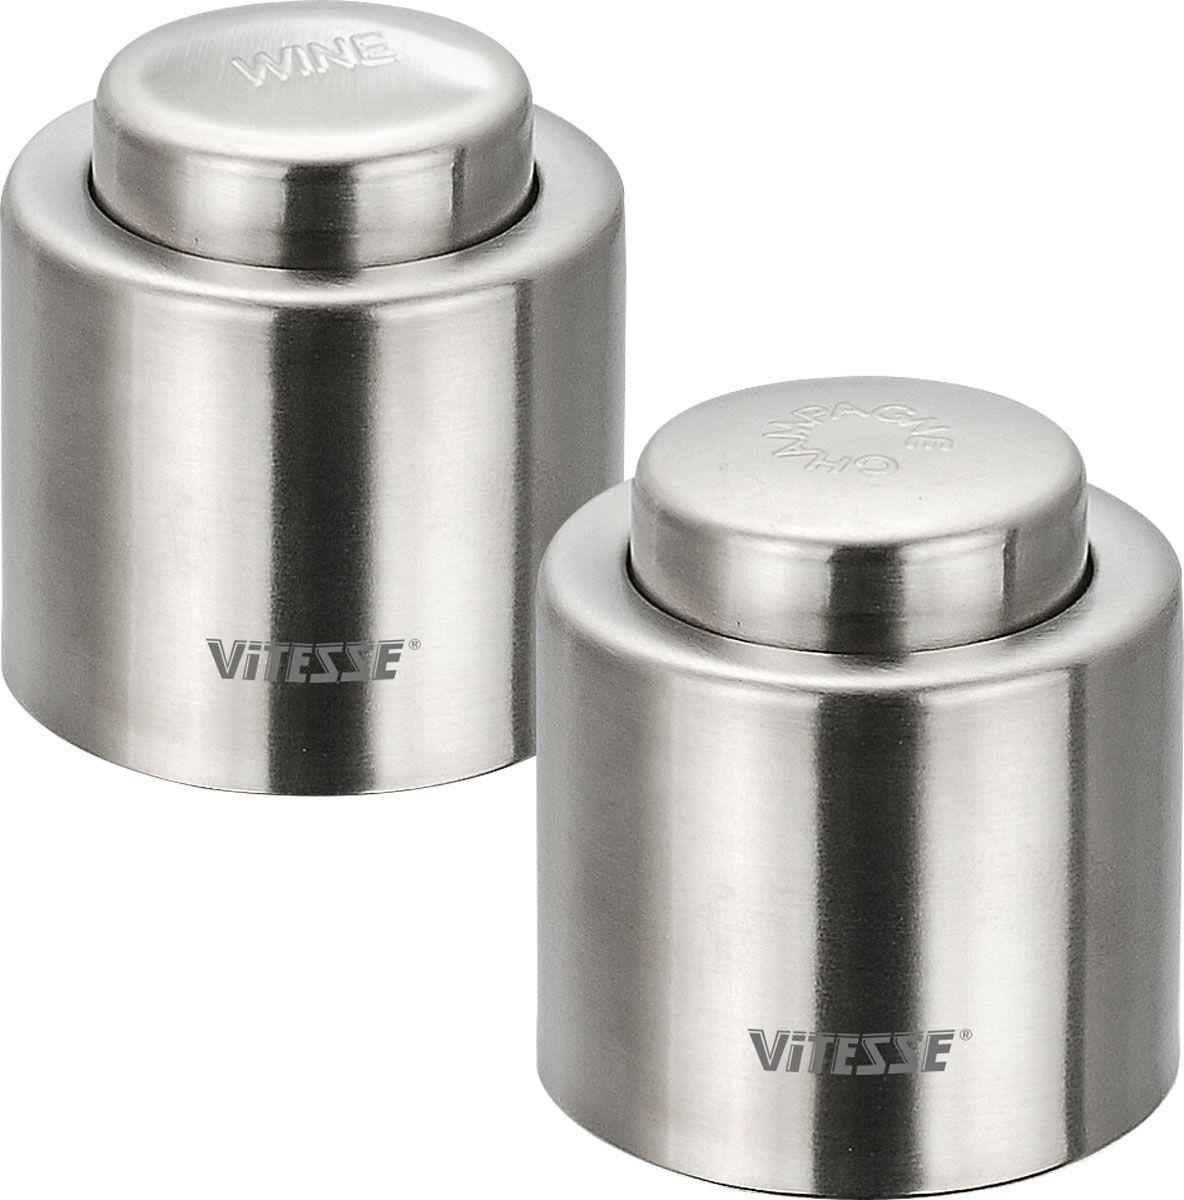 Набор для закупоривания бутылок Vitesse